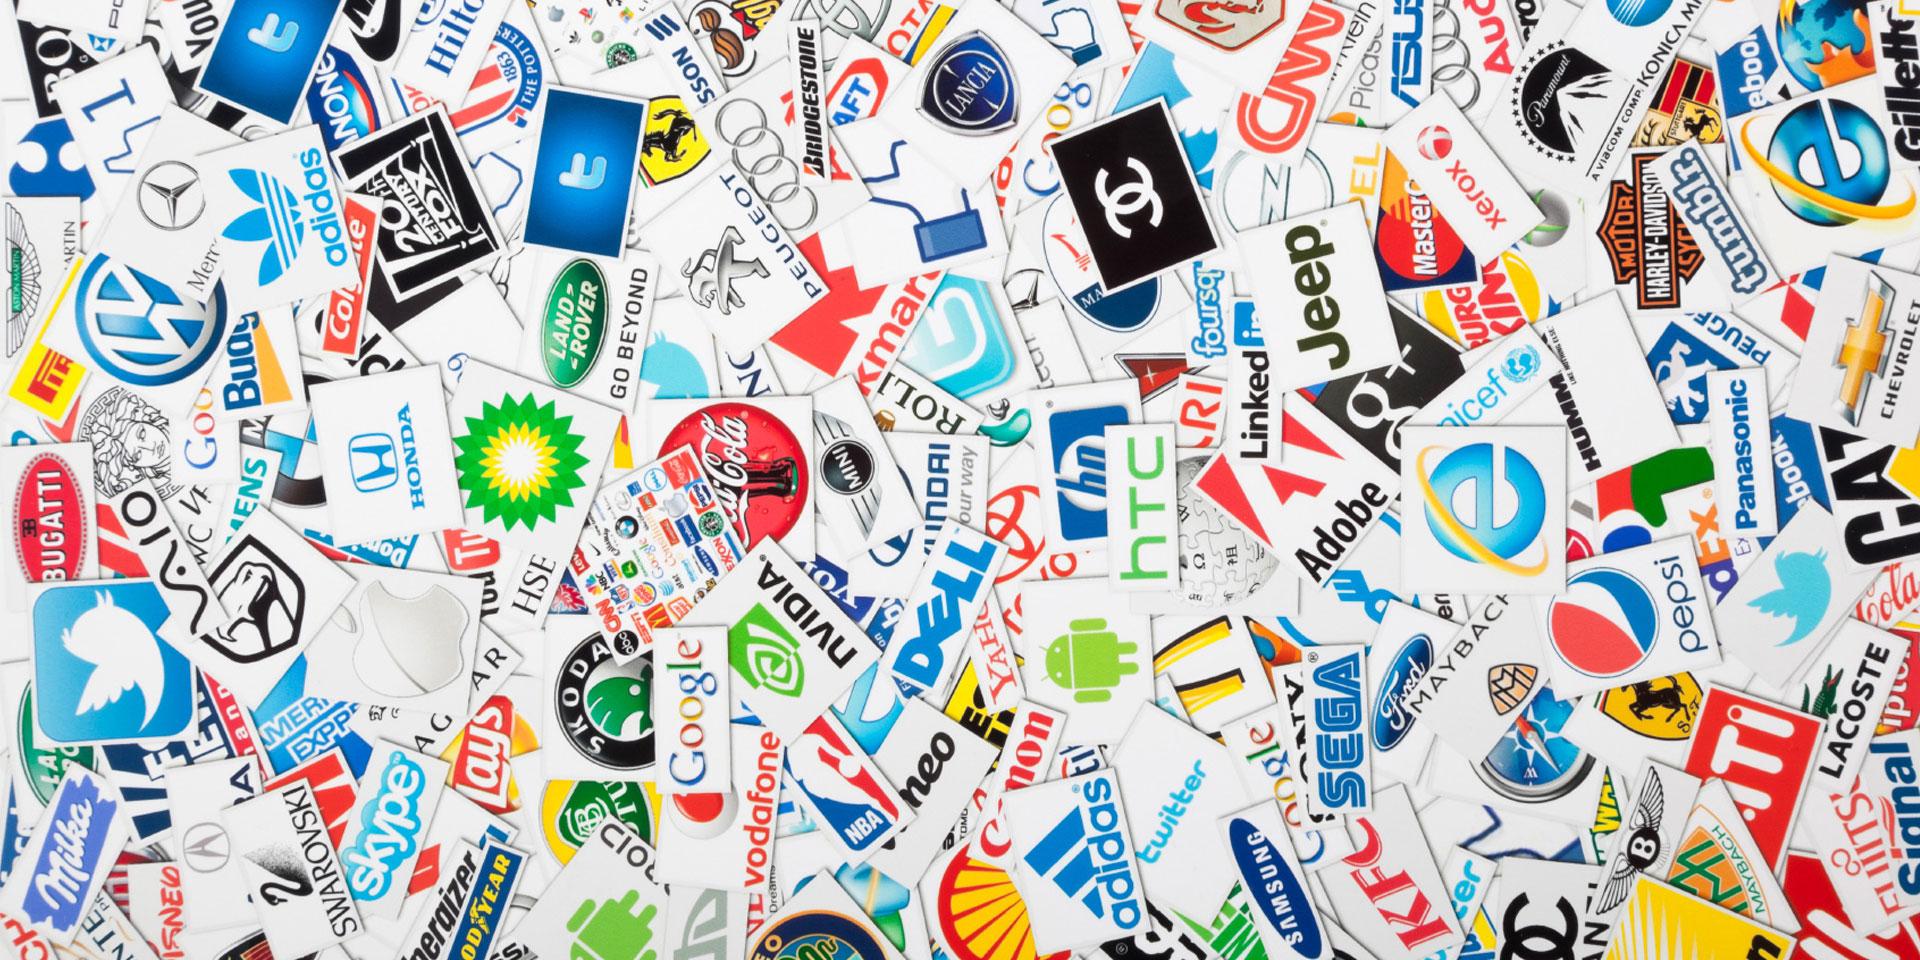 inregistrare marca moldova